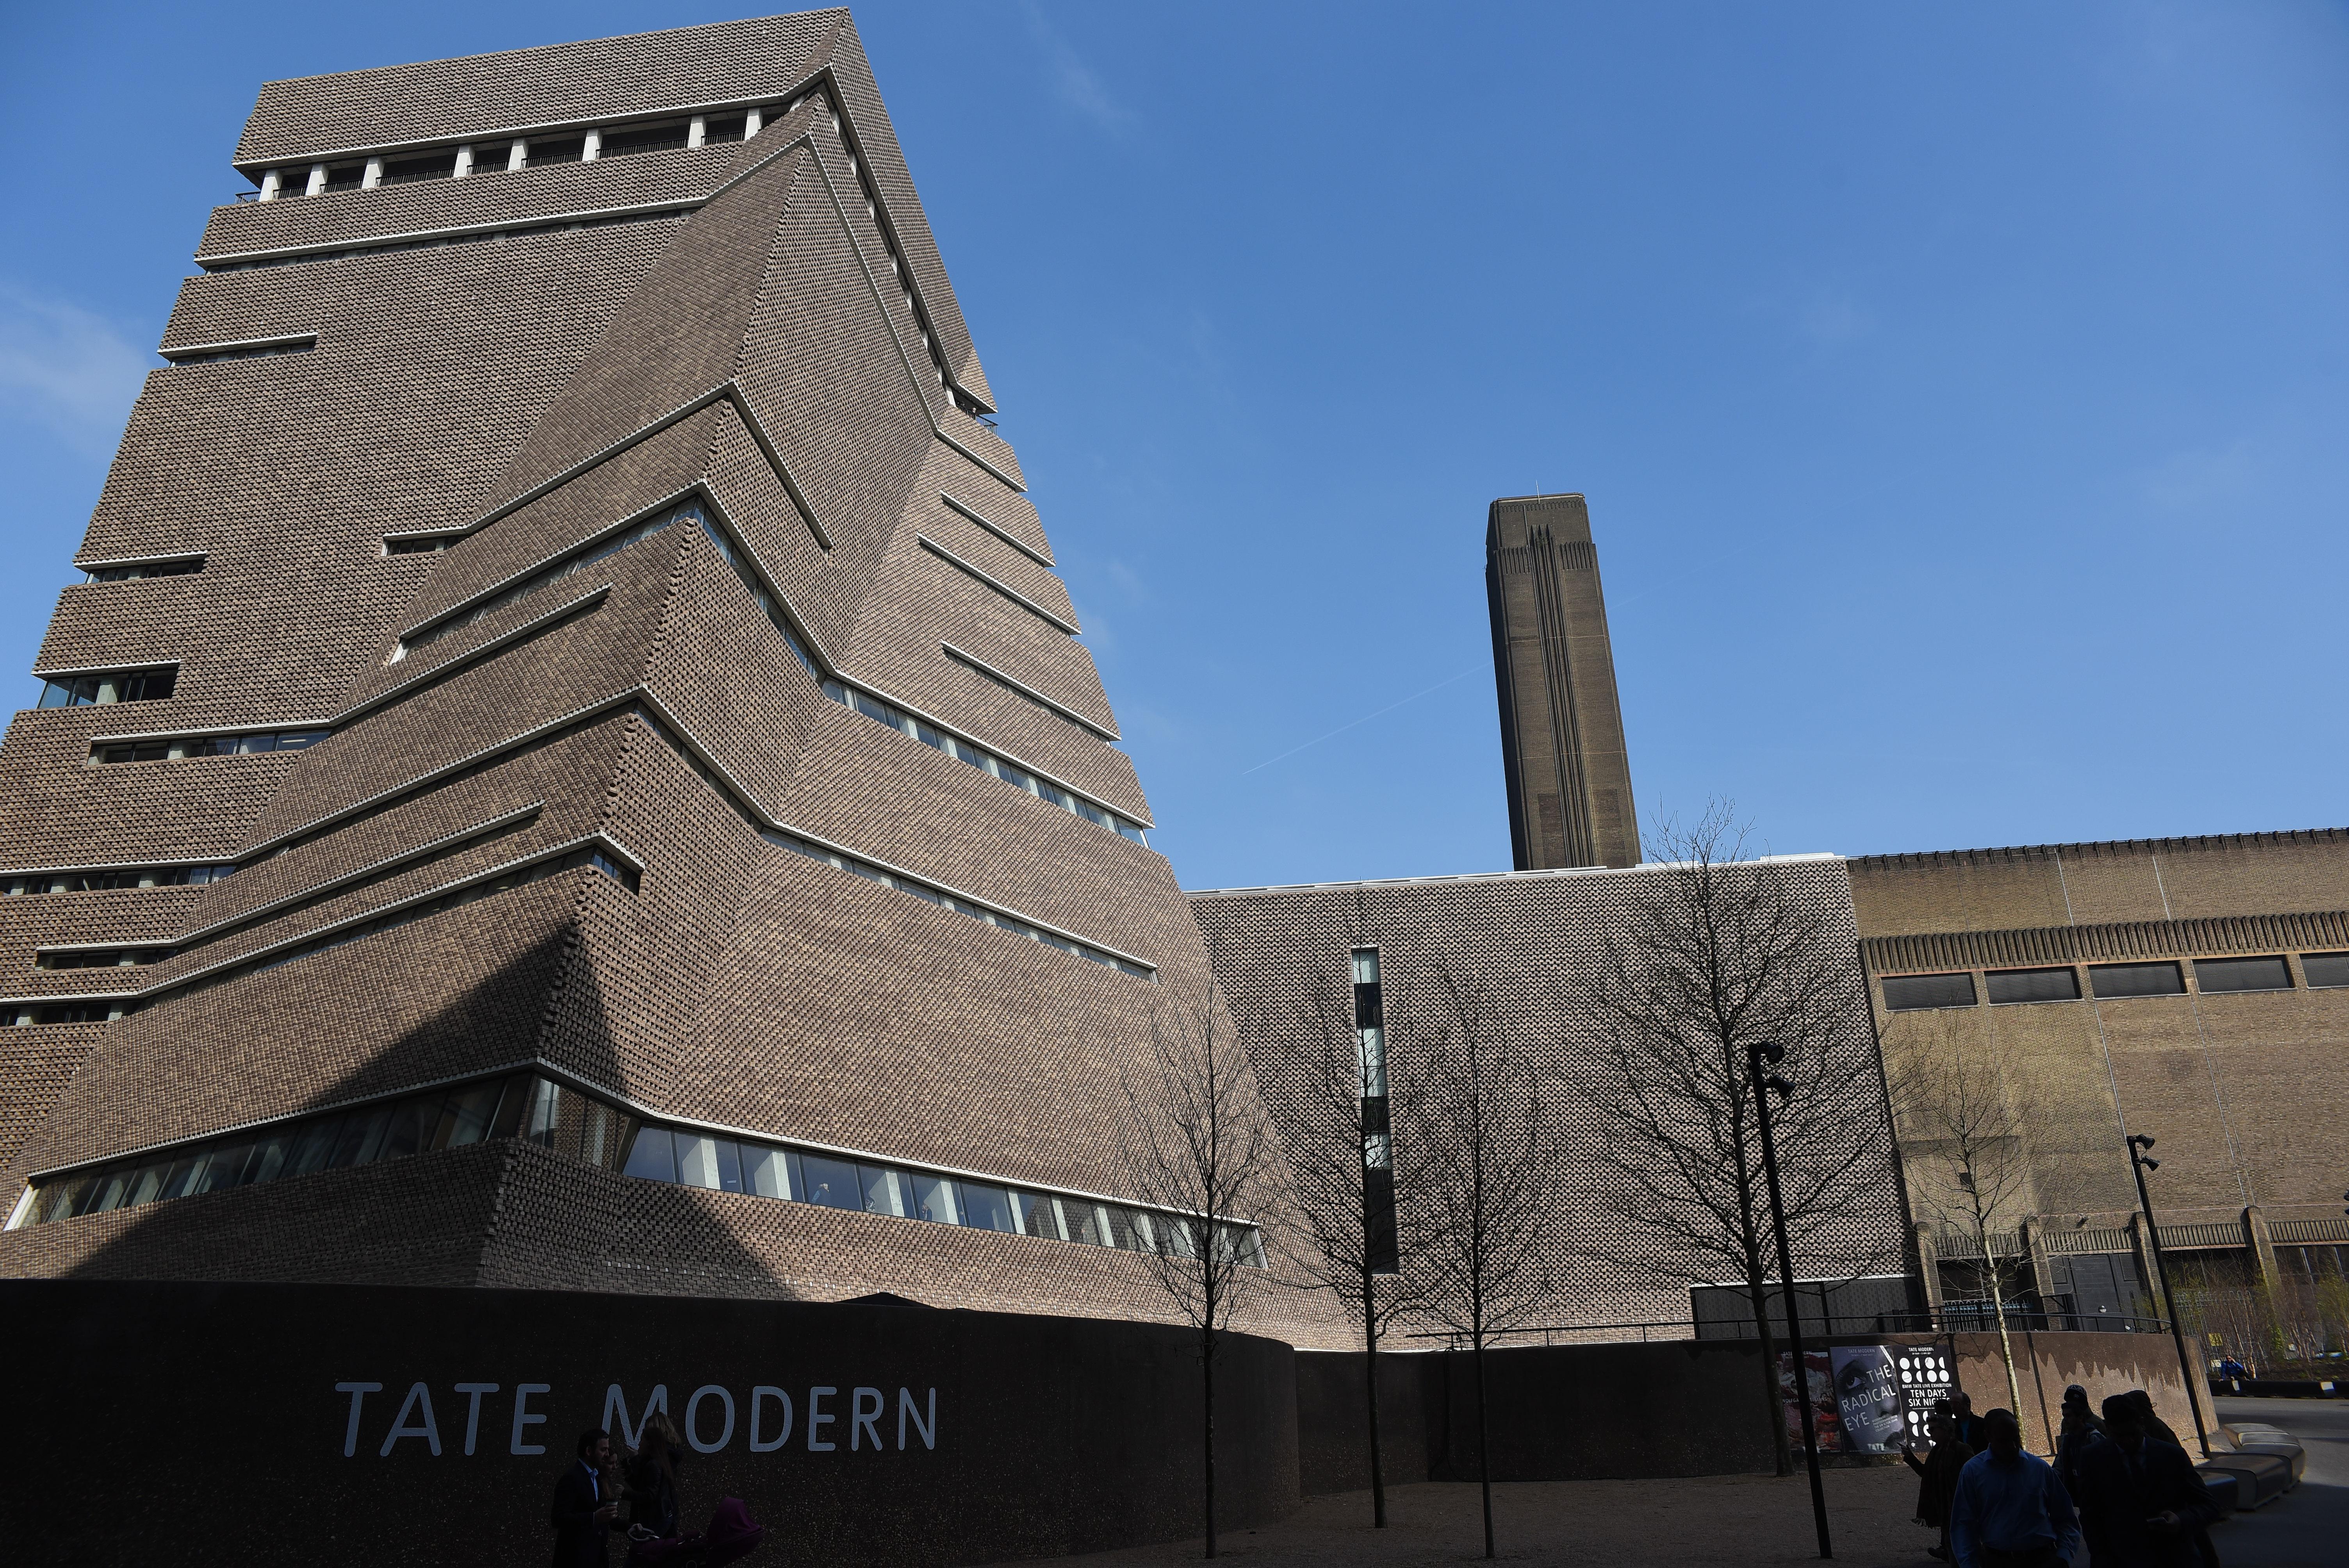 Lehajítottak egy hat éves kisfiút a Tate Modern múzeum 10. emeletéről